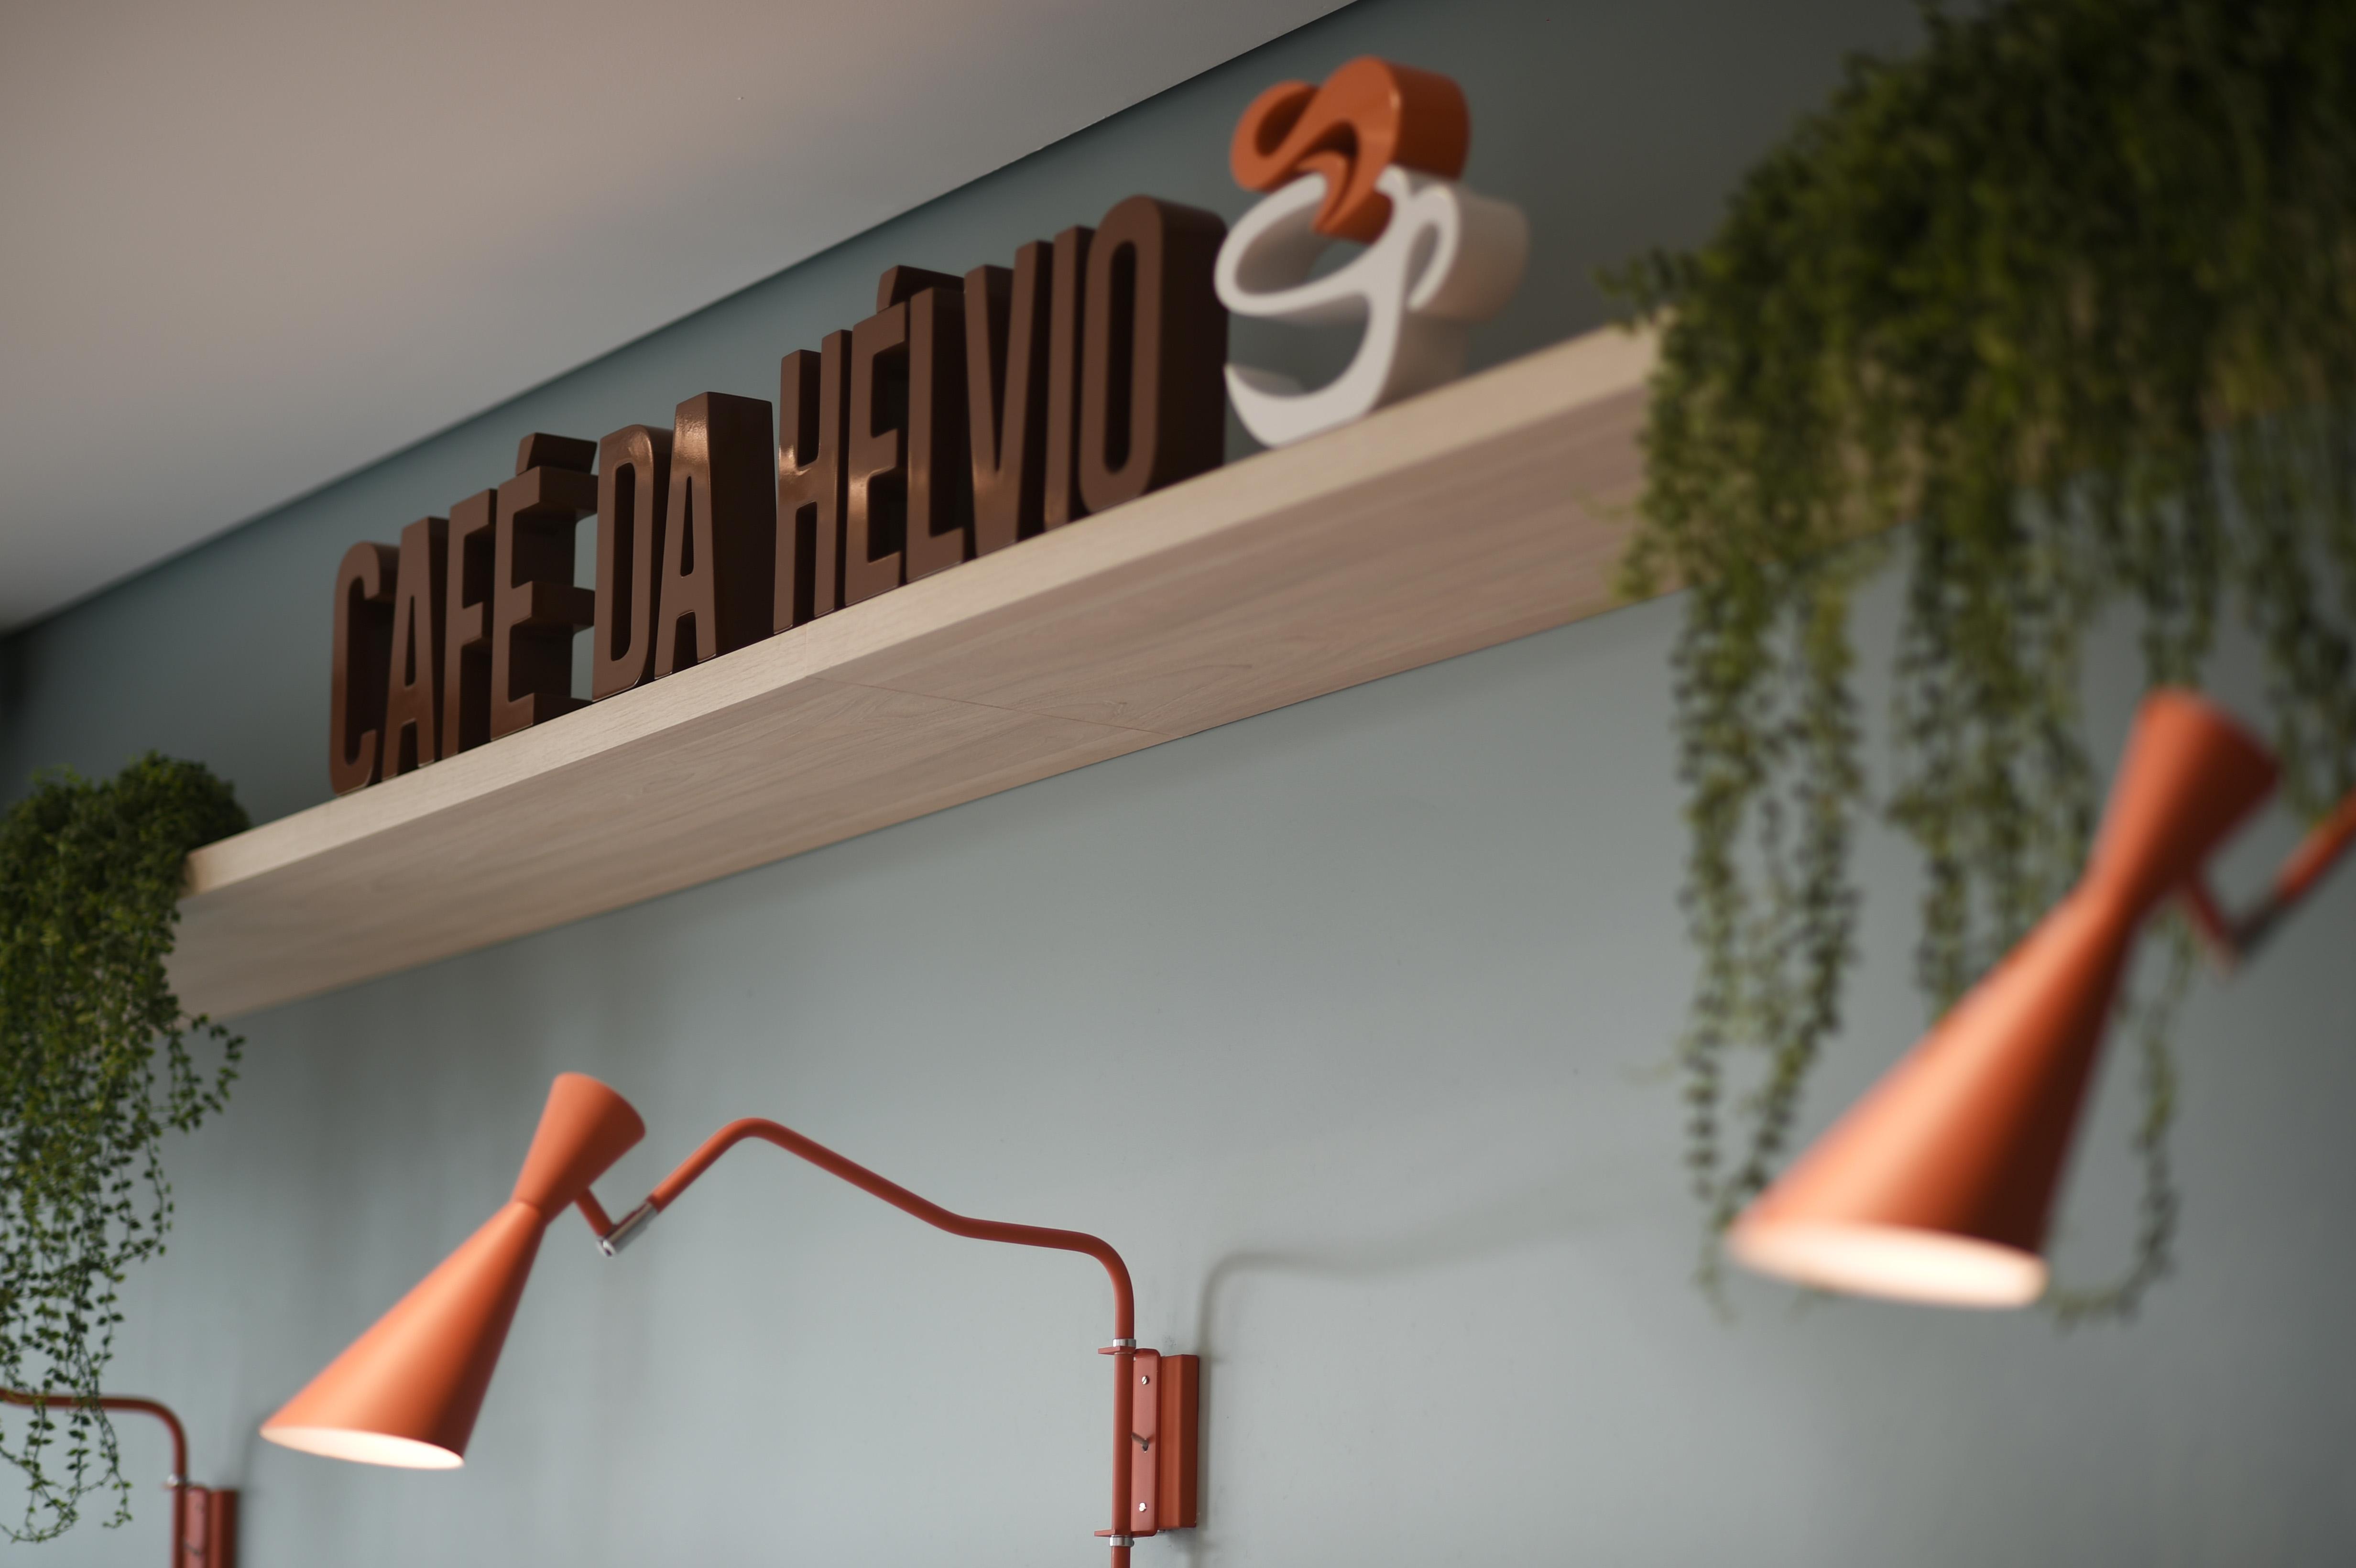 Café da Hélvio